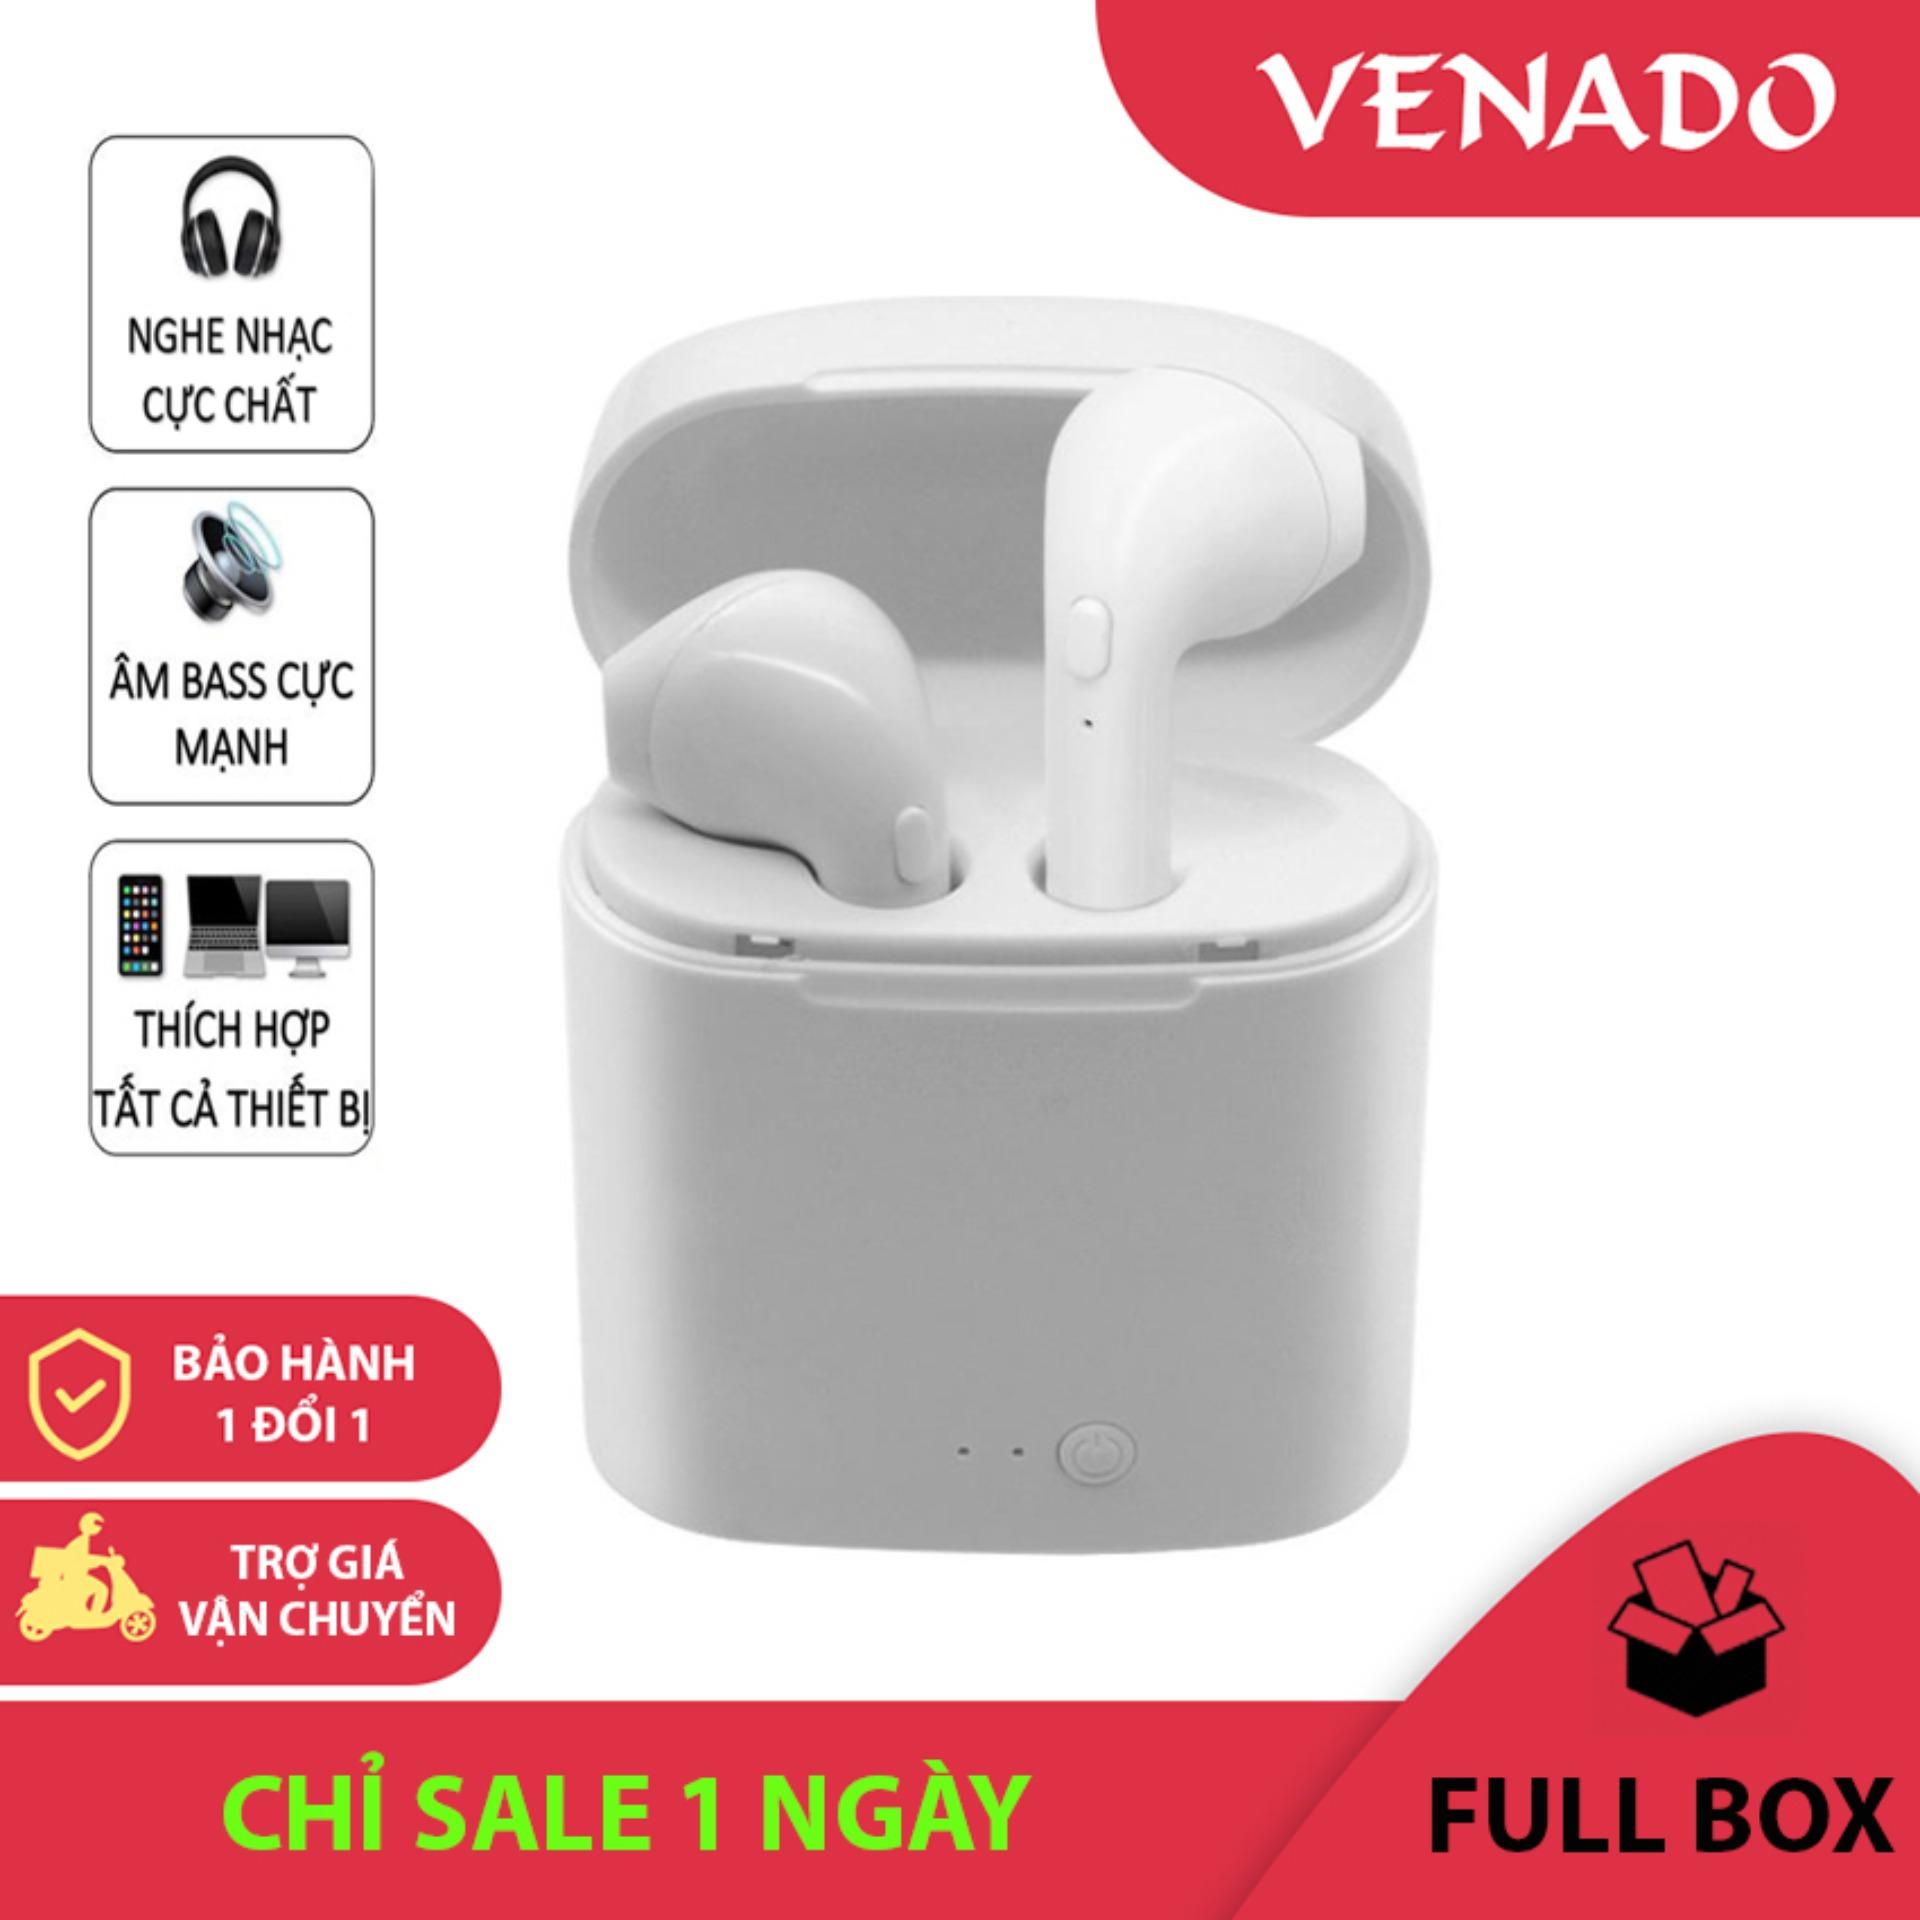 Tai Nghe Bluetooth Không Dây i7s TWS - Venado tai nghe không dây i7s âm thanh chất lượng cao, bảo hành 1 đổi 1, hàng đã test trước khi giao hàng, tai nghe nhét tai chất lượng cao i7s